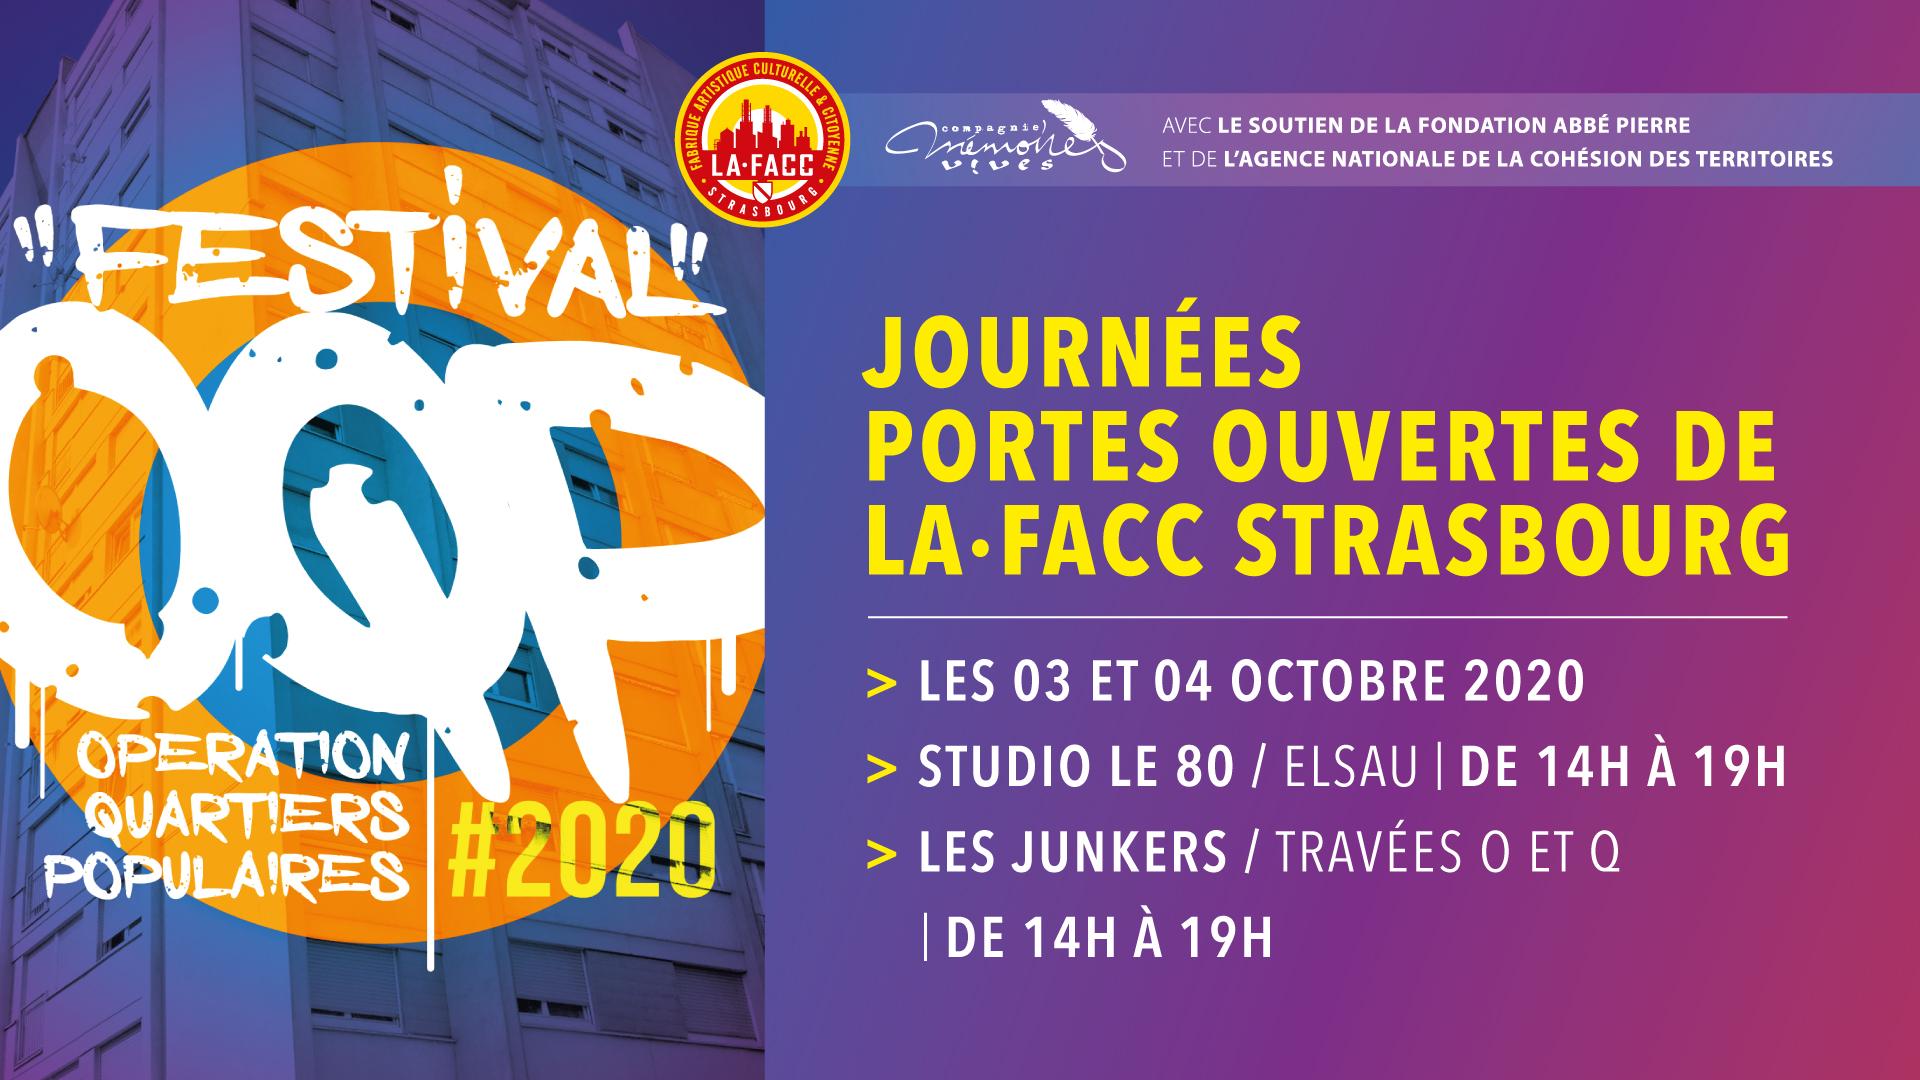 Festival O.Q.P 2020 • Journées portes ouvertes de la FACC Strasbourg @ FACC Strasbourg